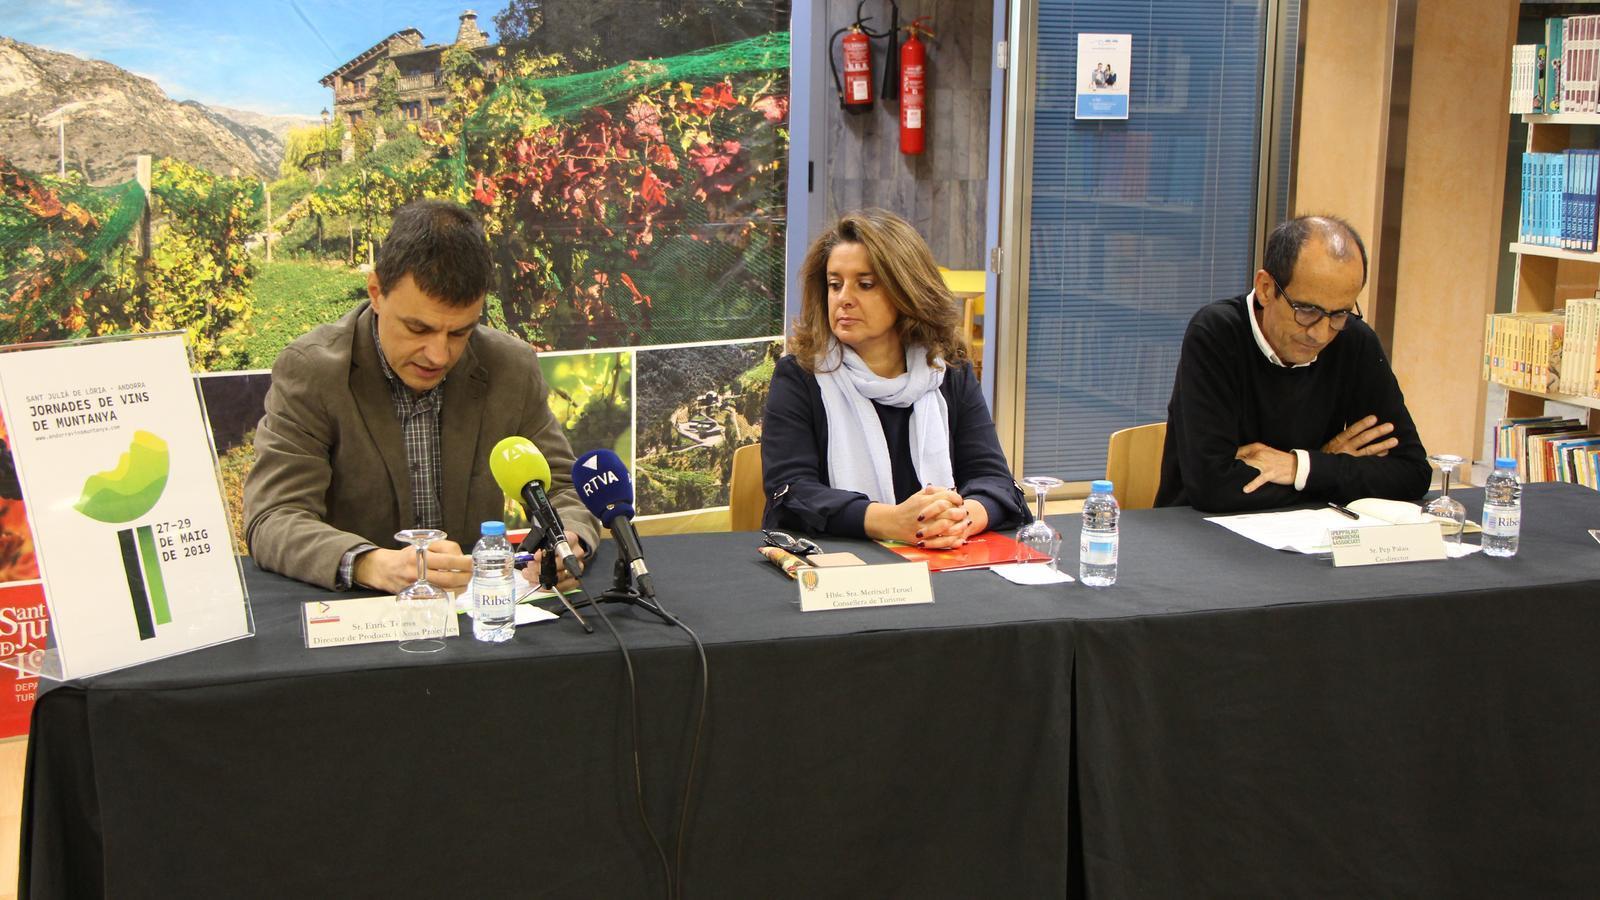 Enric Torres, director de Producte i nous Projectes, Mertixell Teruel, consellera de Turisme i Pep Palau, co-director de Vonarend & Associats. / M. R. F. (ANA)